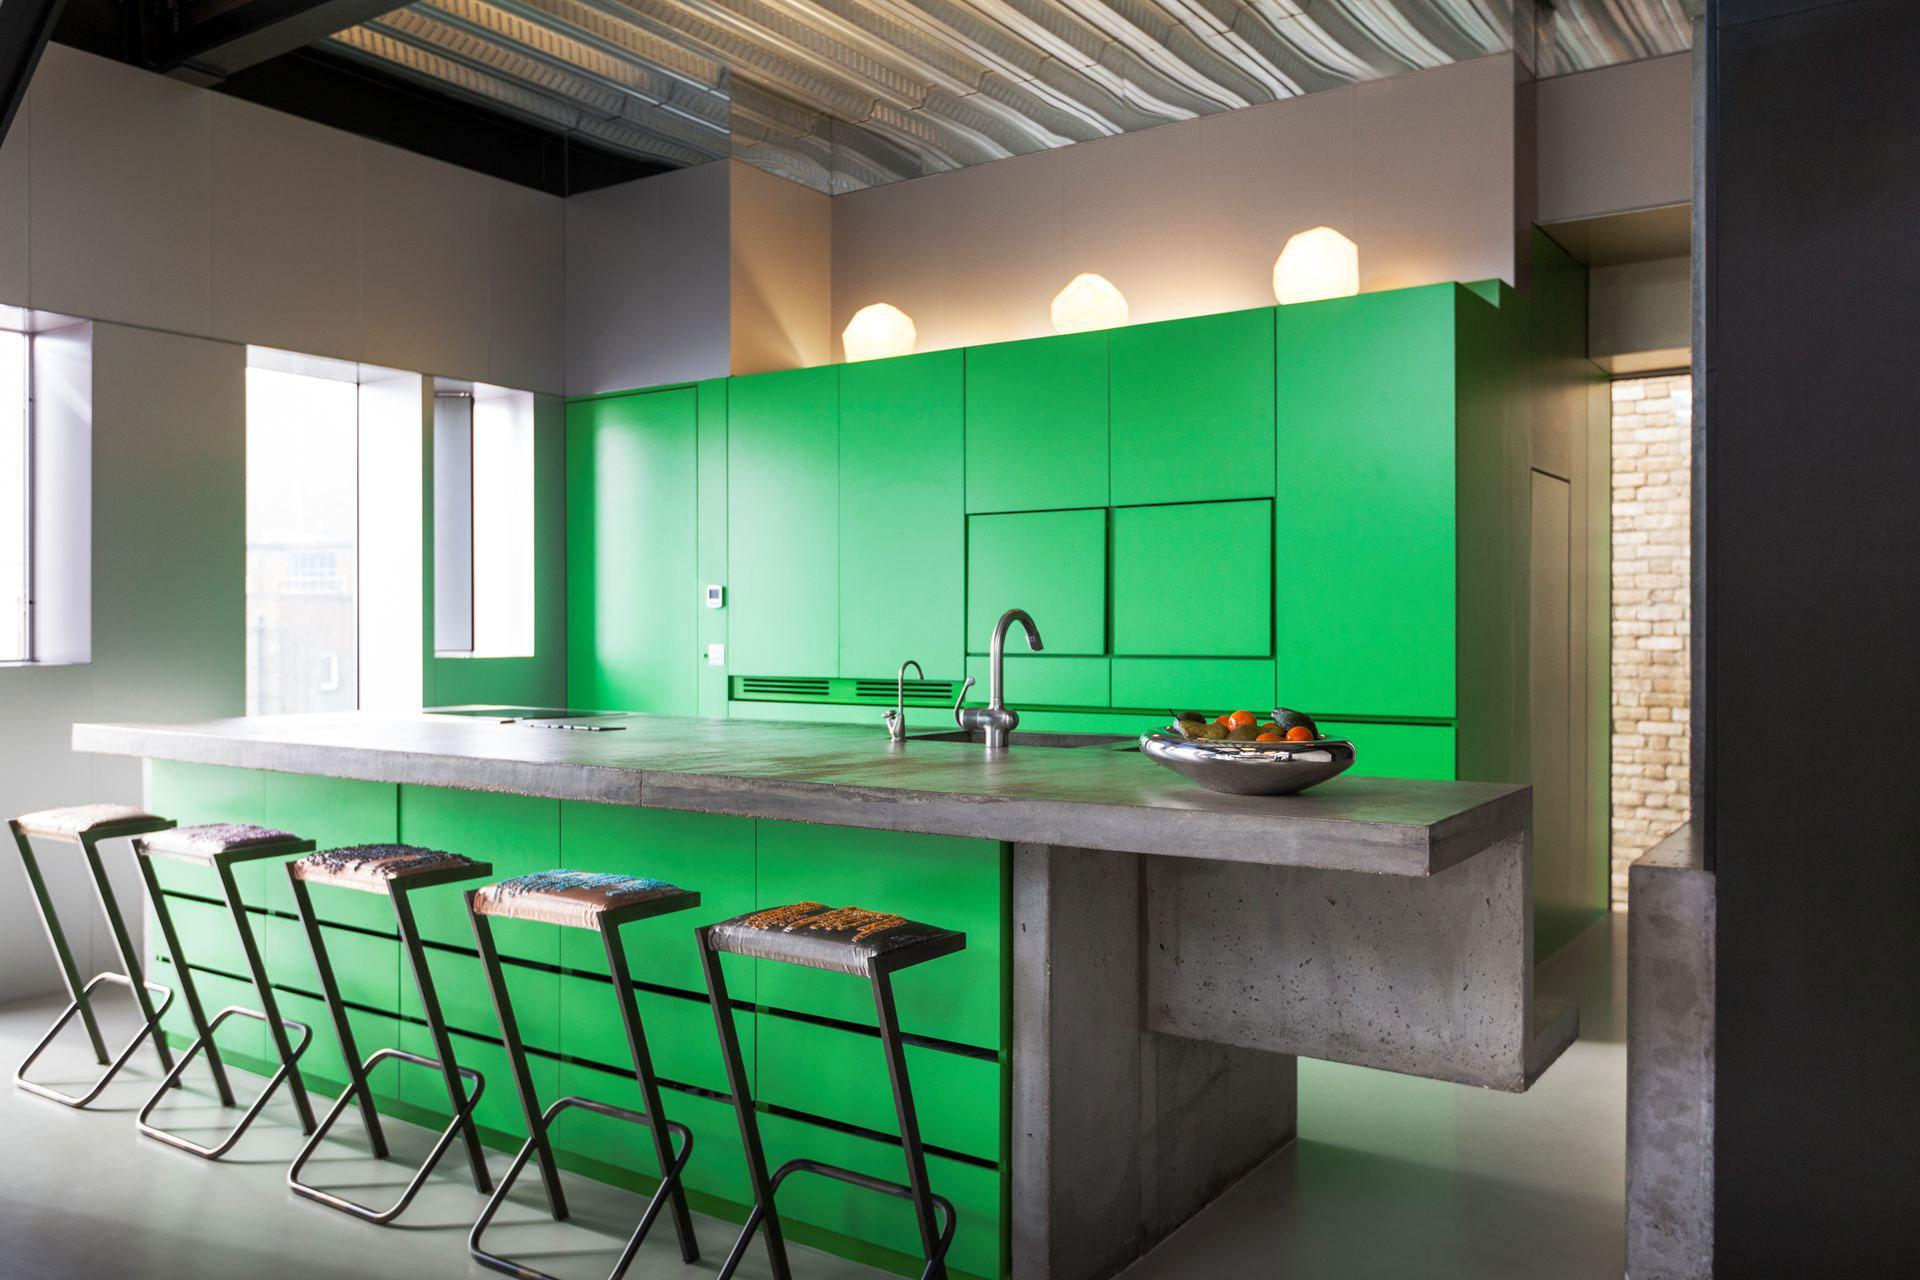 Silverlight Home in West London by Adjaye Associates-05